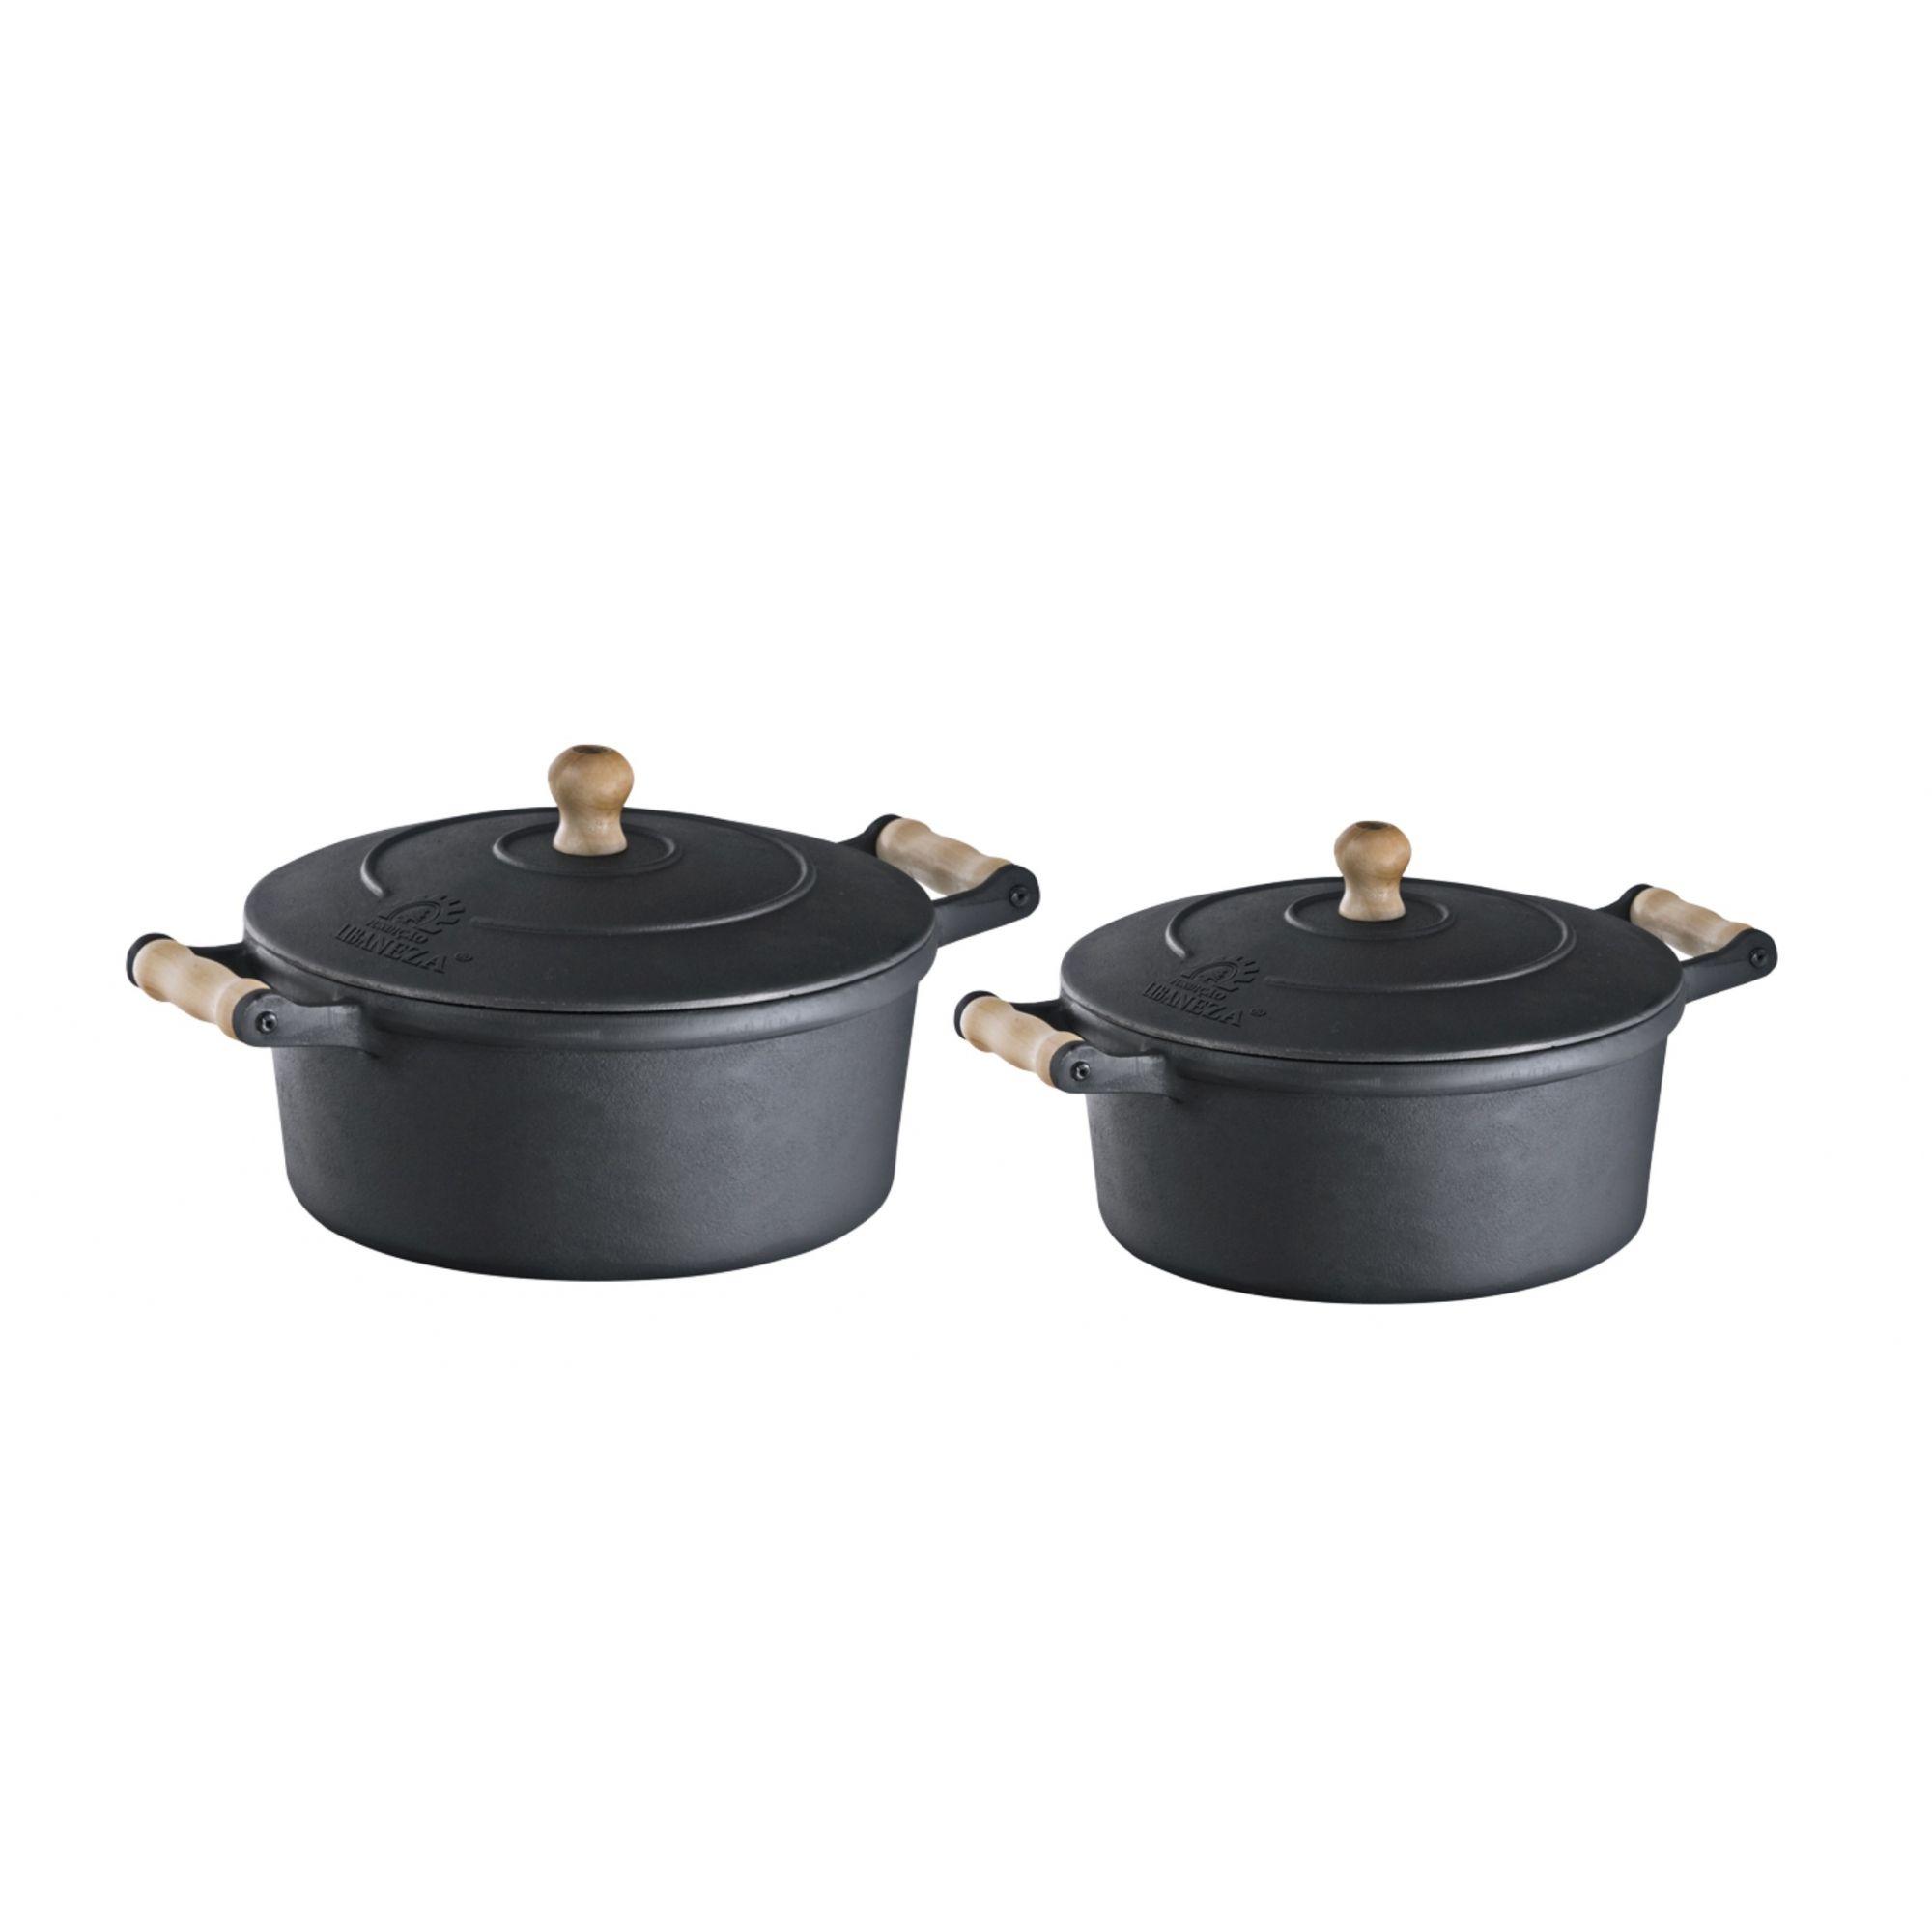 Jogo Panela Cacarola de Ferro e Alça de Madeira 5,9 e 7,6 L